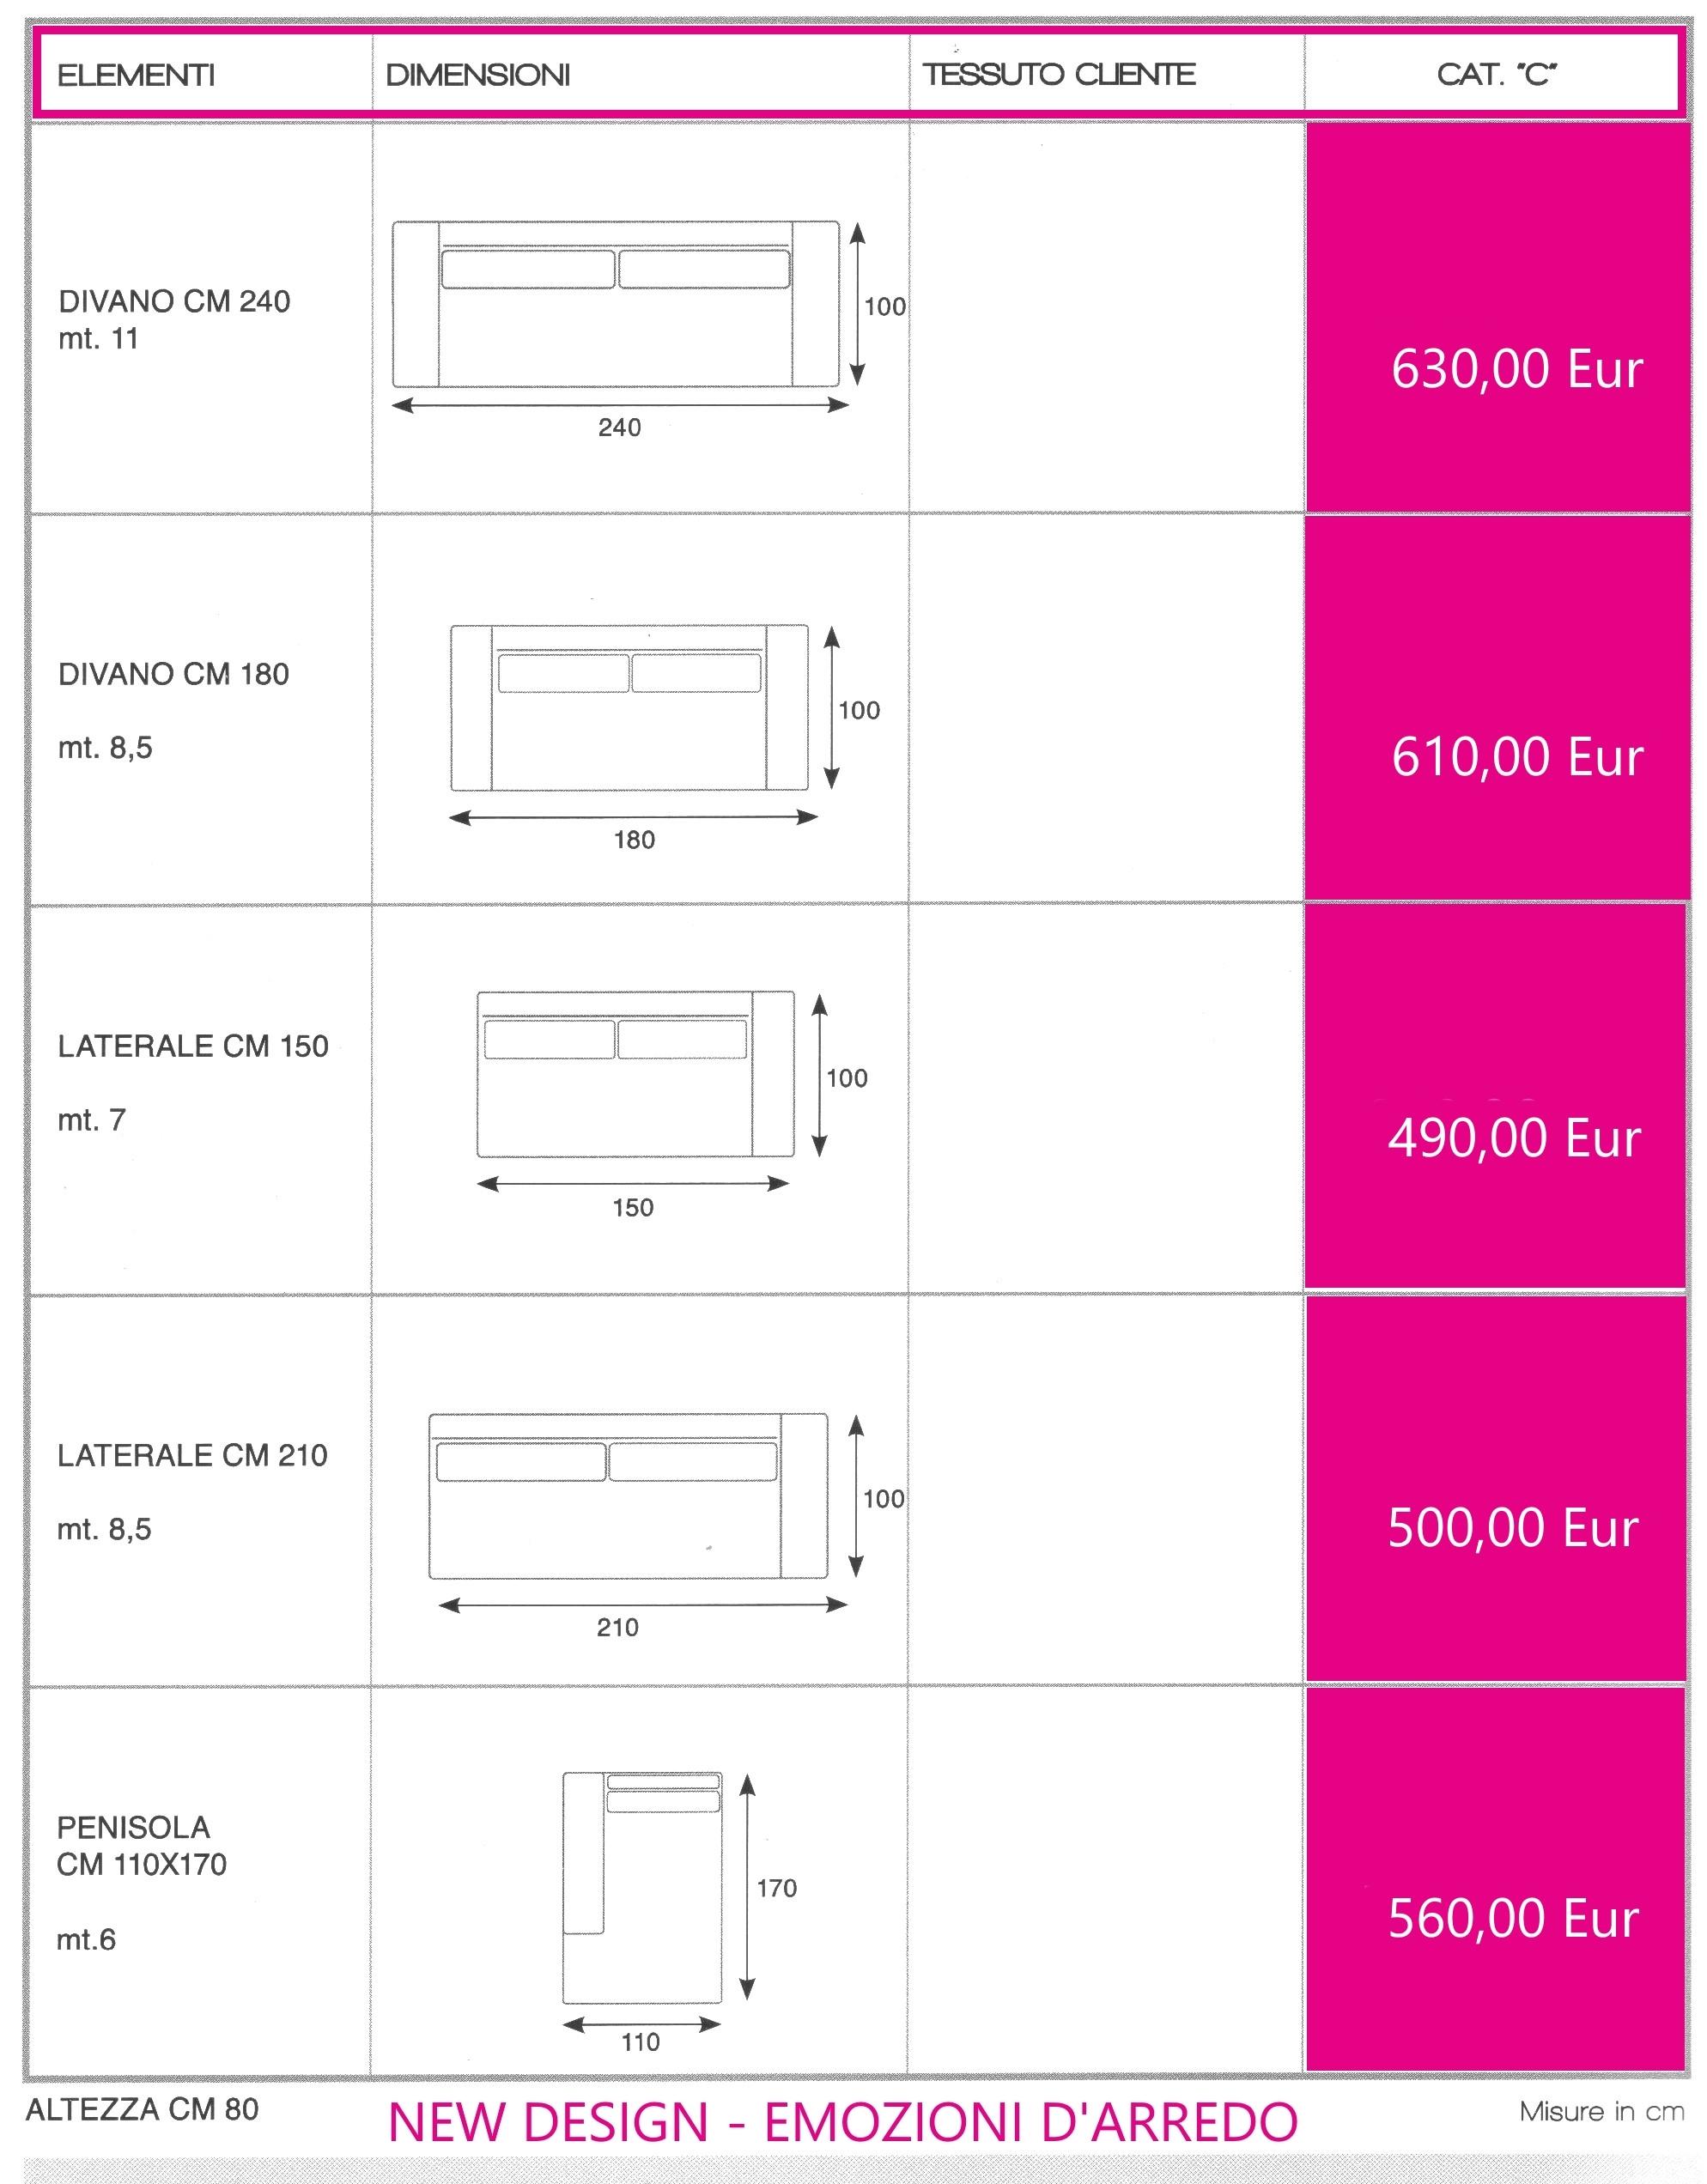 Divano amber dimensioni 240 x 100 divani a prezzi scontati - Divano al dimensioni ...